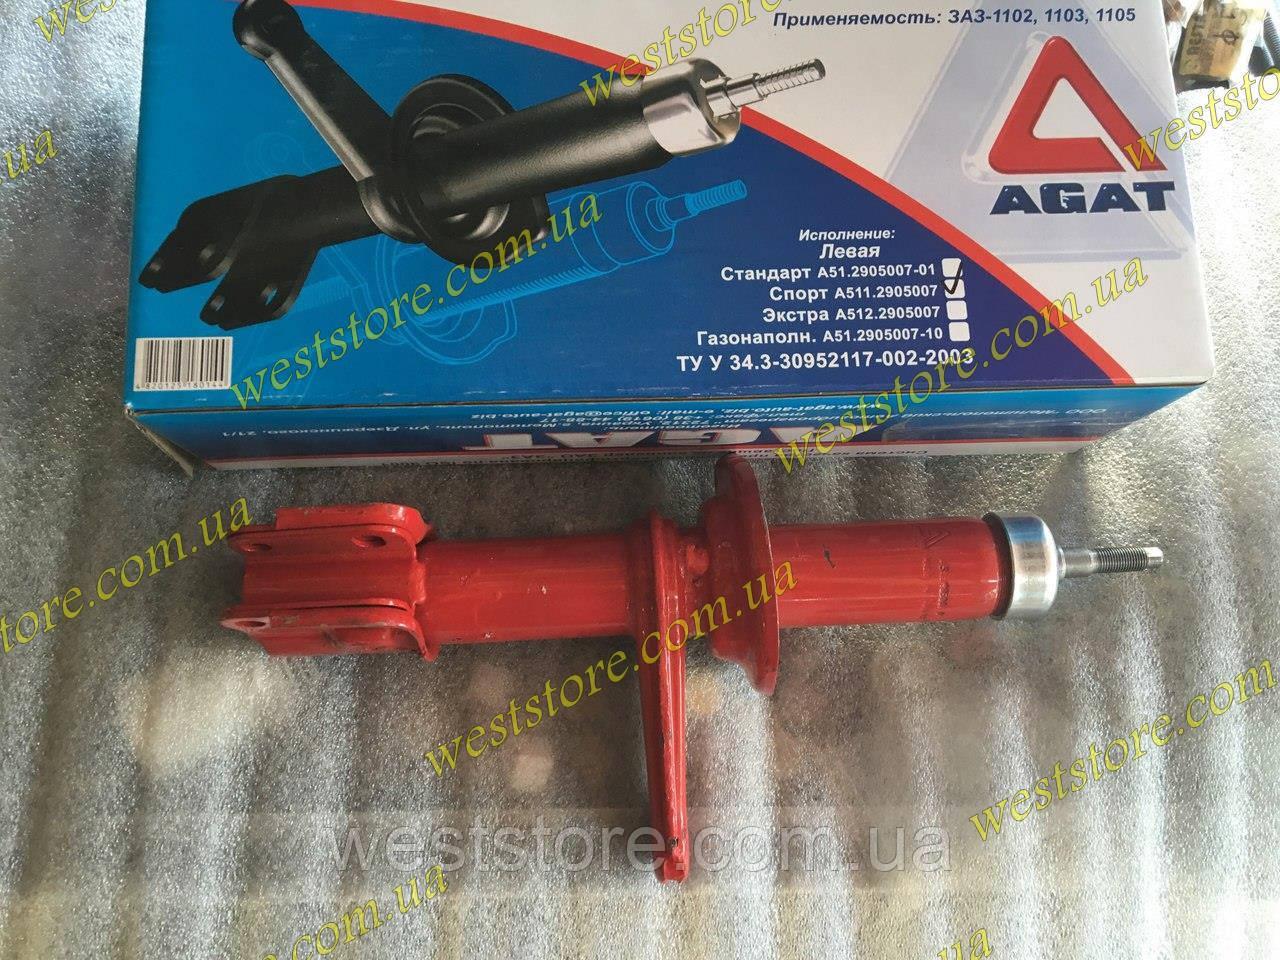 Амортизатор заз 1102- 1103 таврия славута передний левый Агат красный спорт